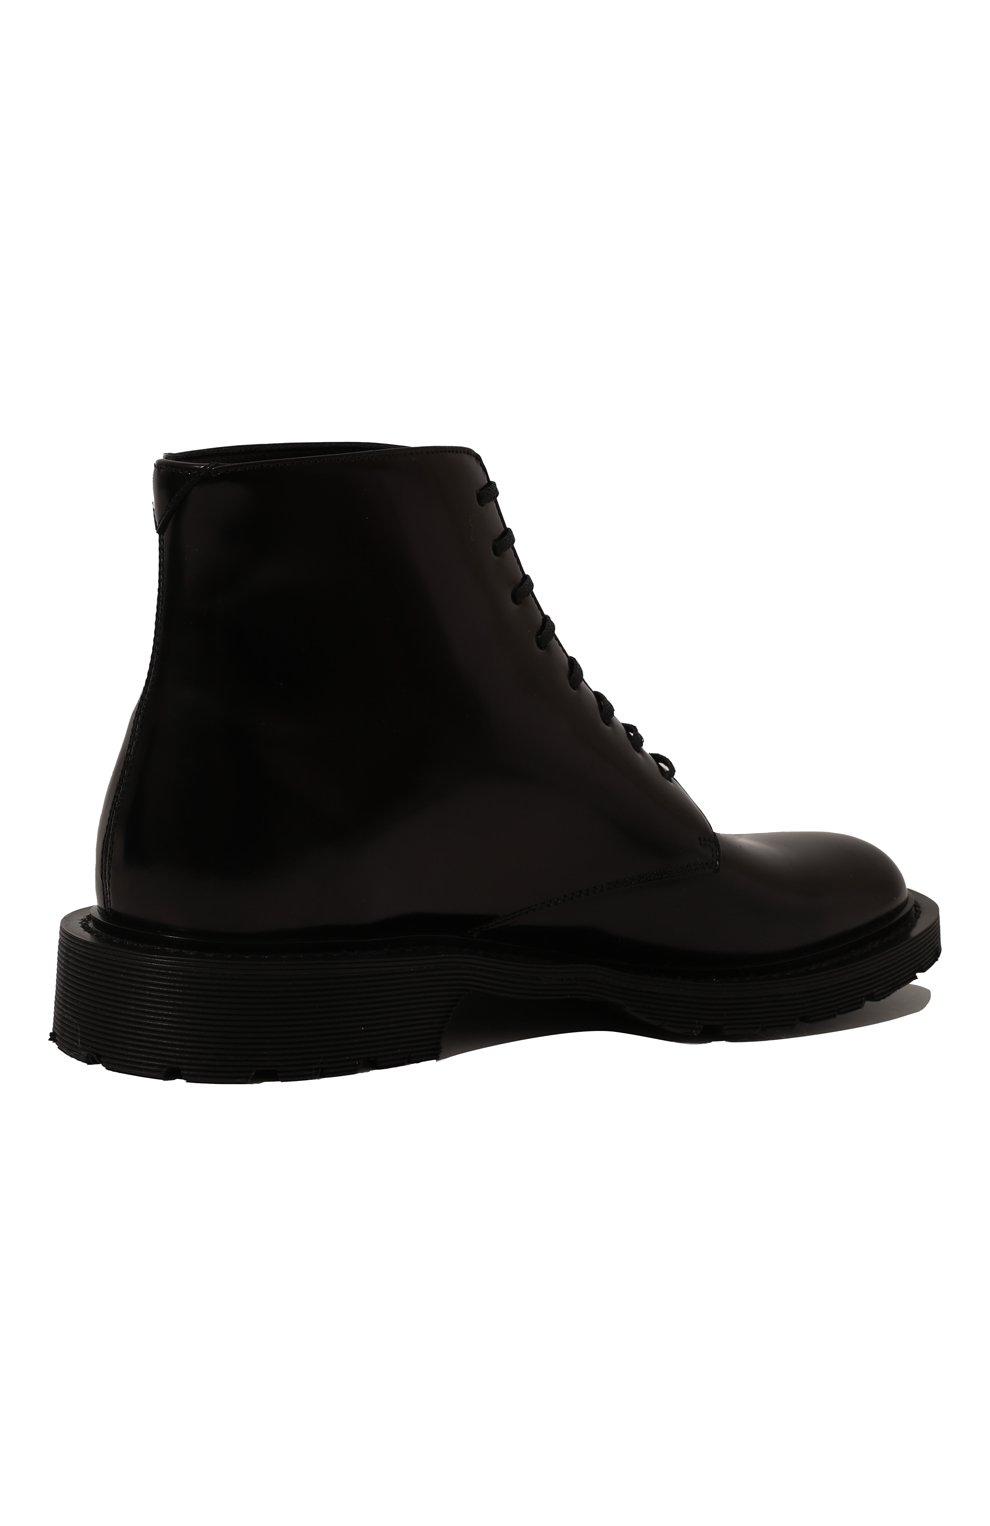 Женские кожаные ботинки army SAINT LAURENT черного цвета, арт. 632412/1Y000   Фото 5